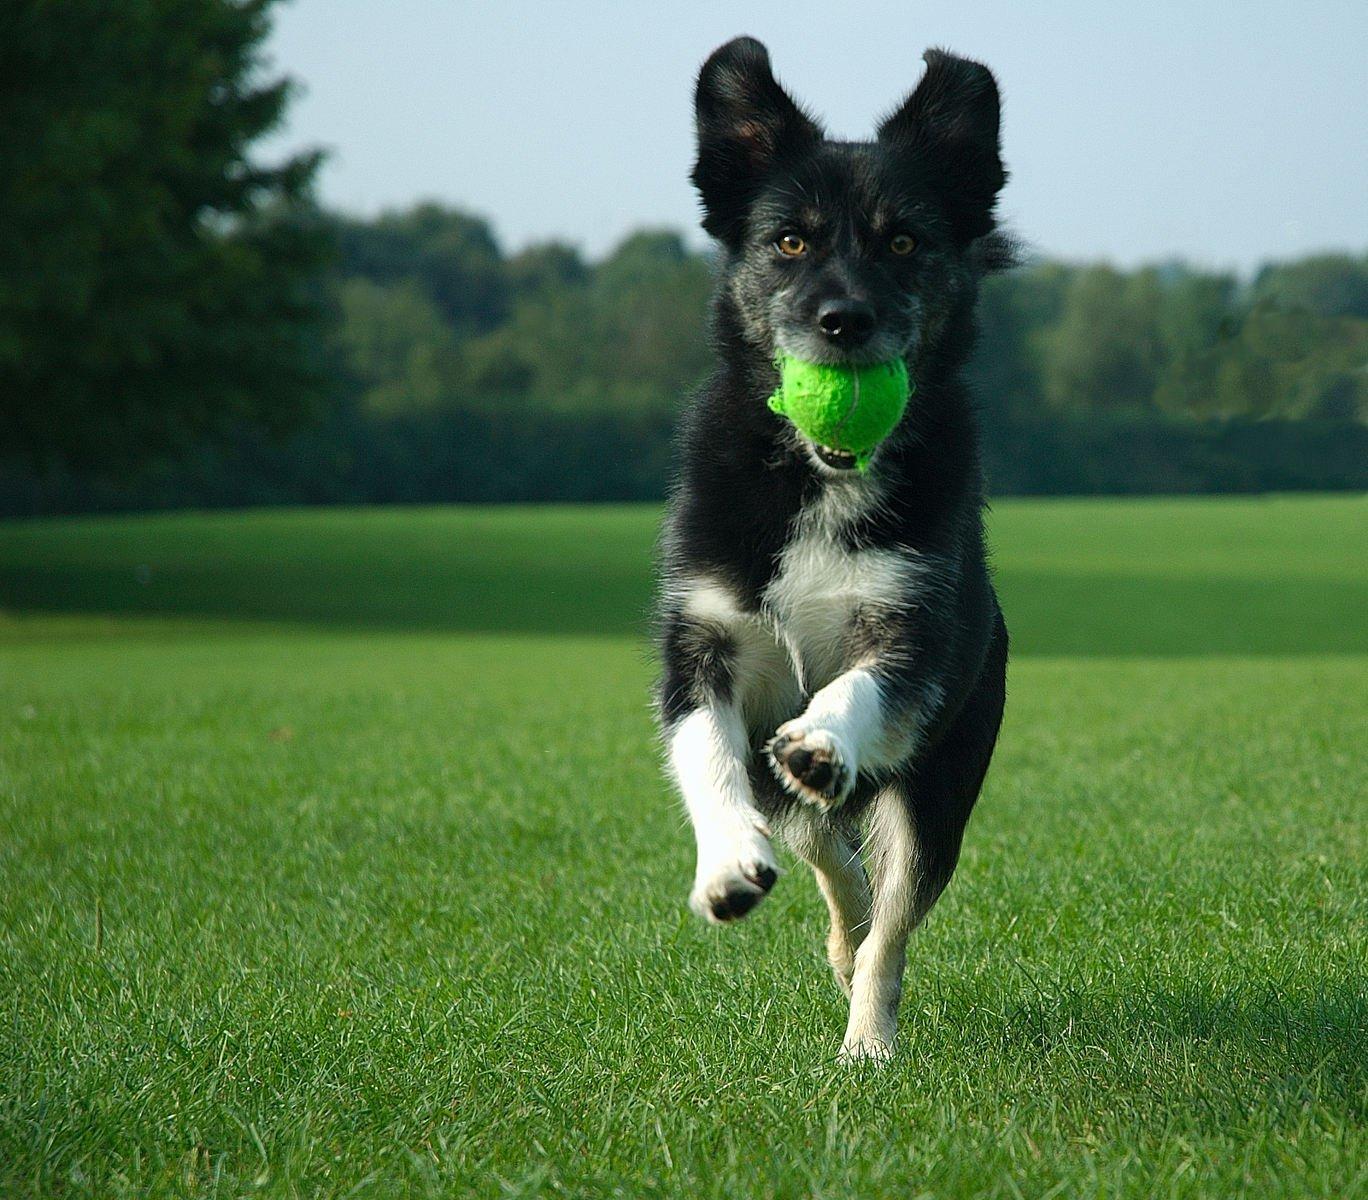 Exuberant dog